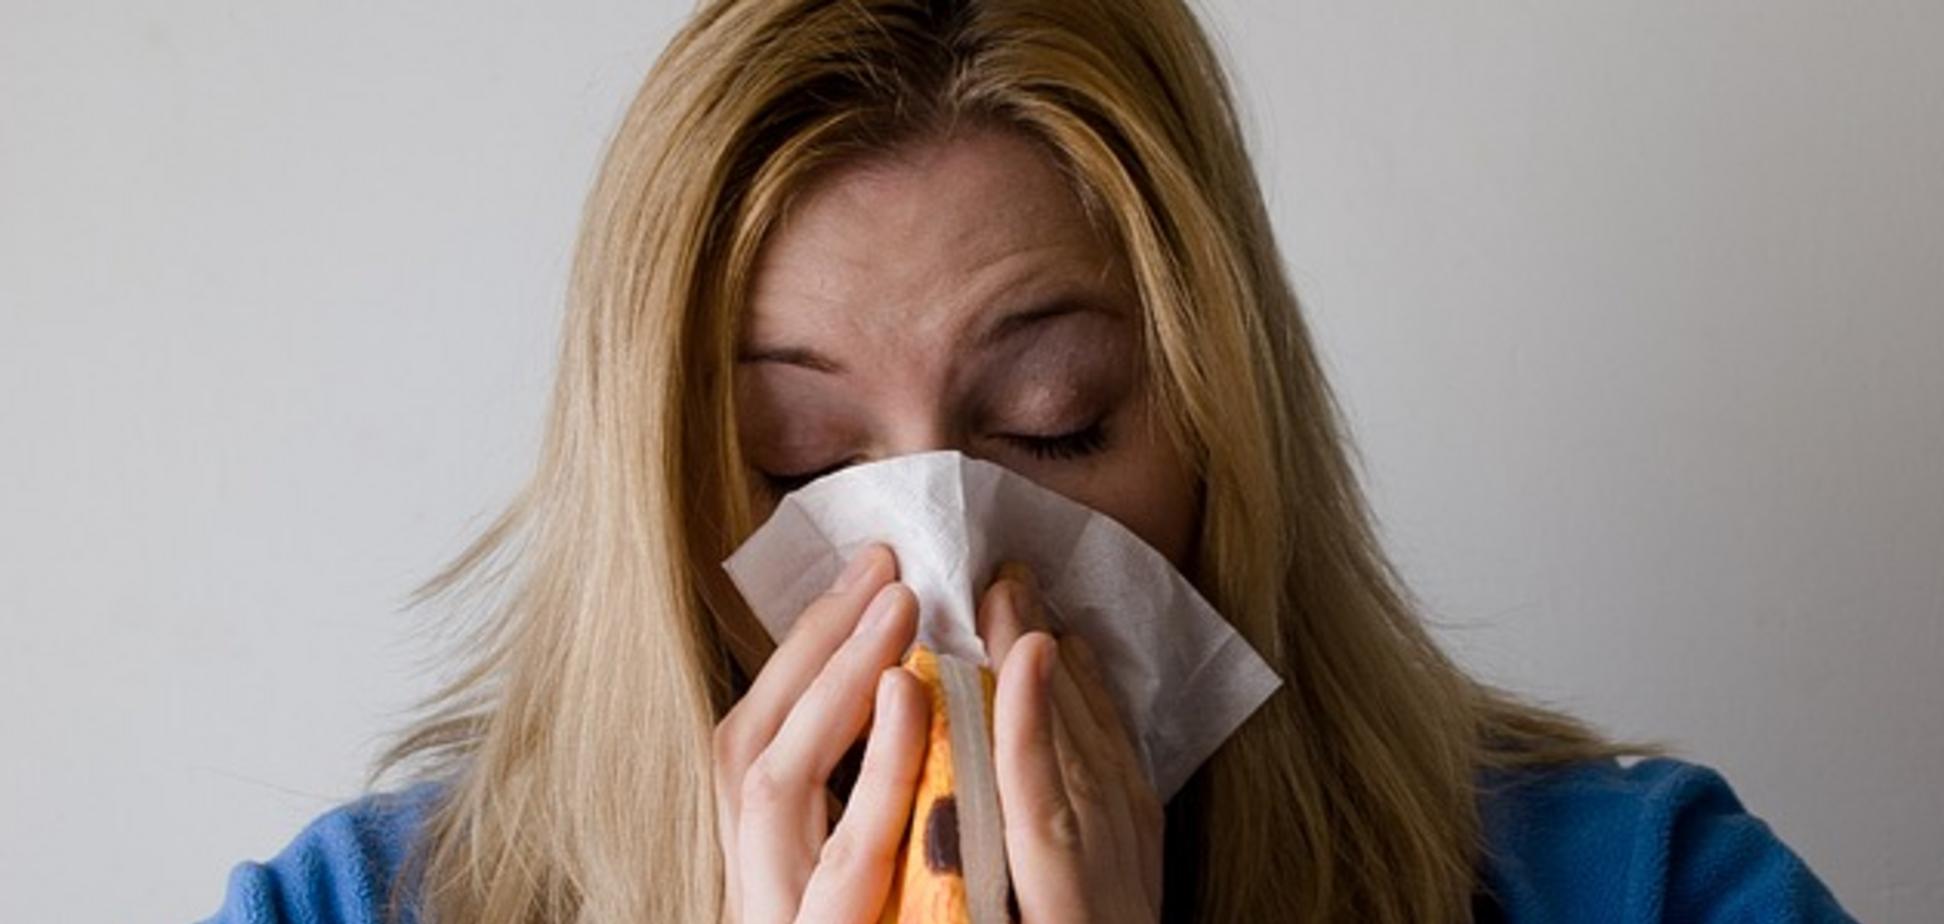 Як позбутися алергії: дієтологназвала шкідливі продукти